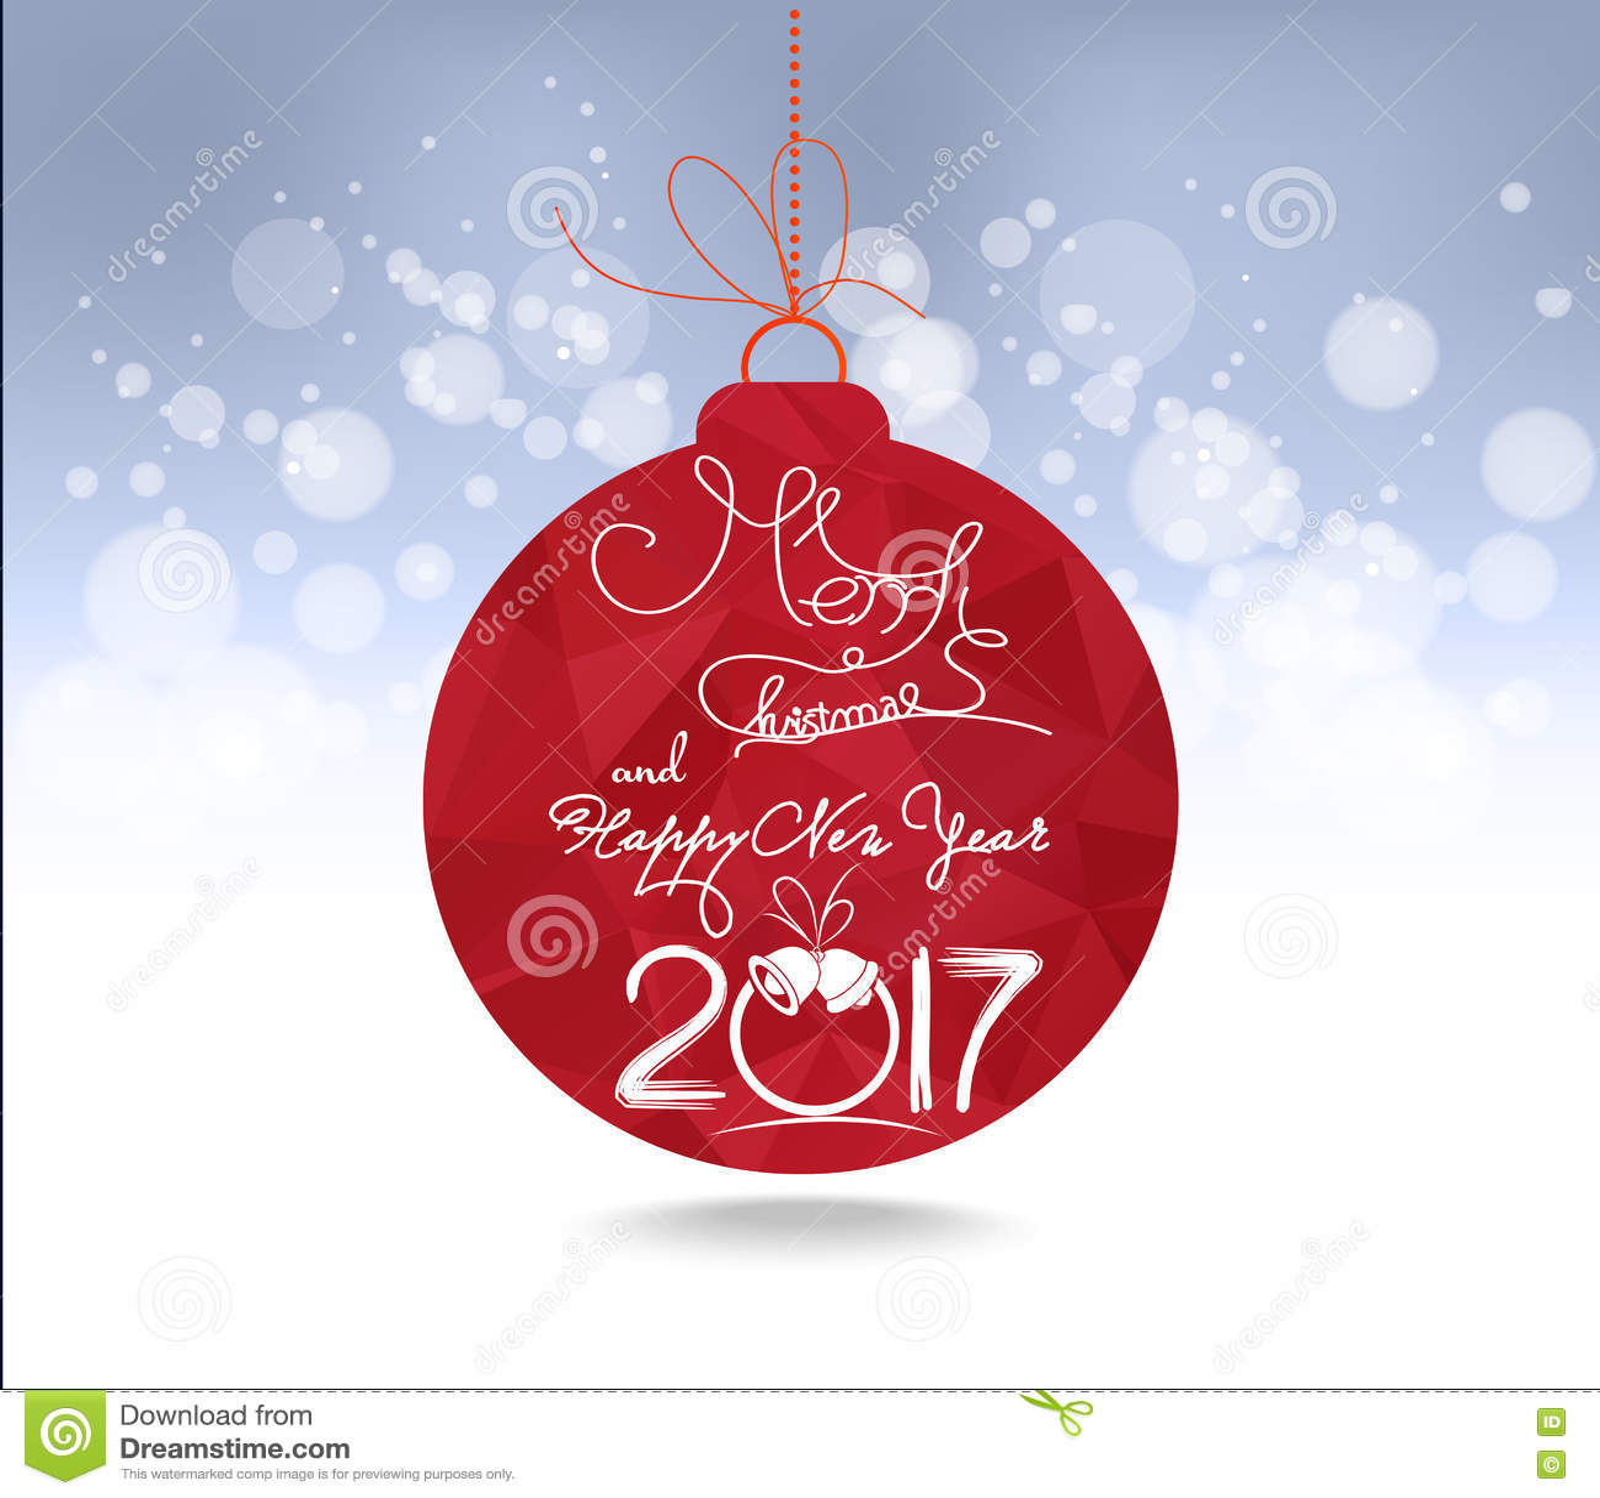 Cartoline auguri di natale e buon anno